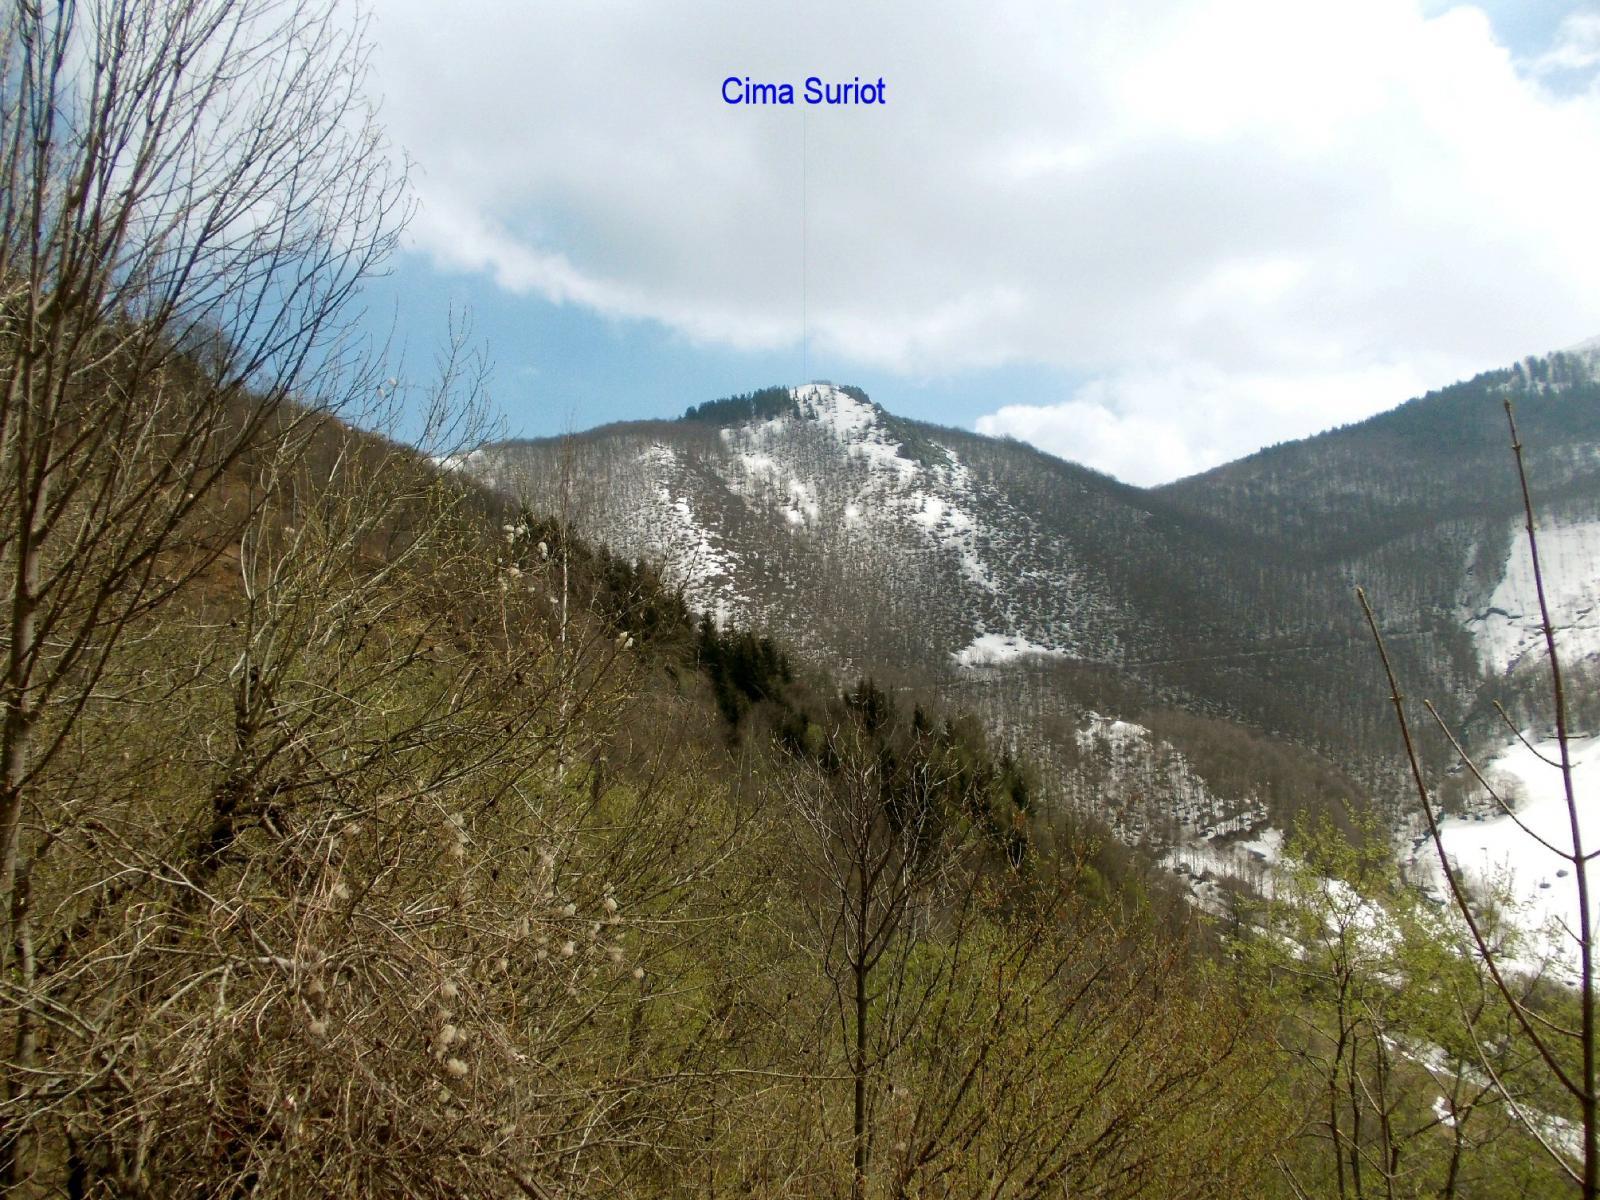 la cima Suriot